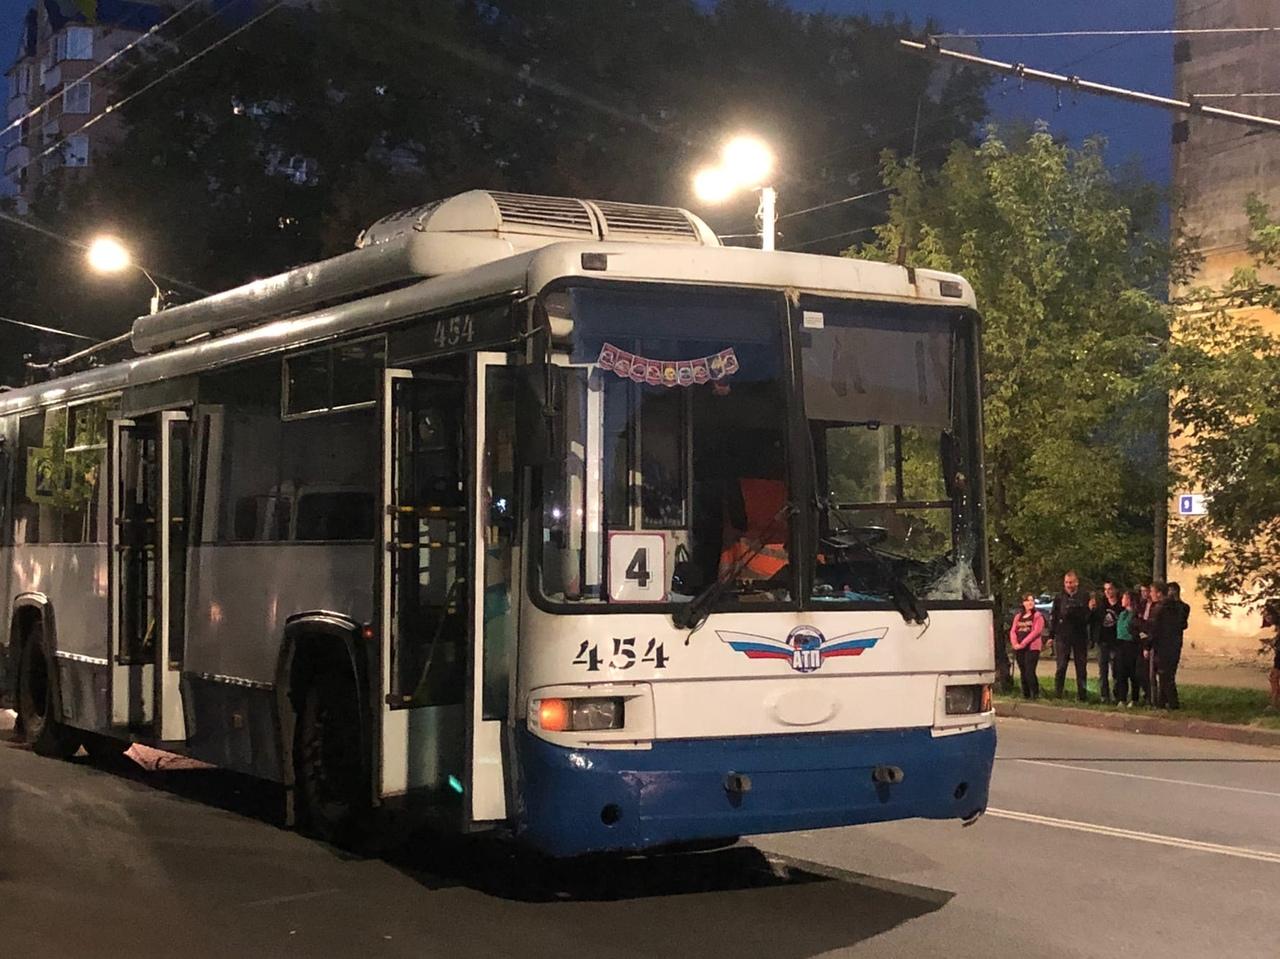 Троллейбус сбил мужчину в Кирове 25 августа 2020 года